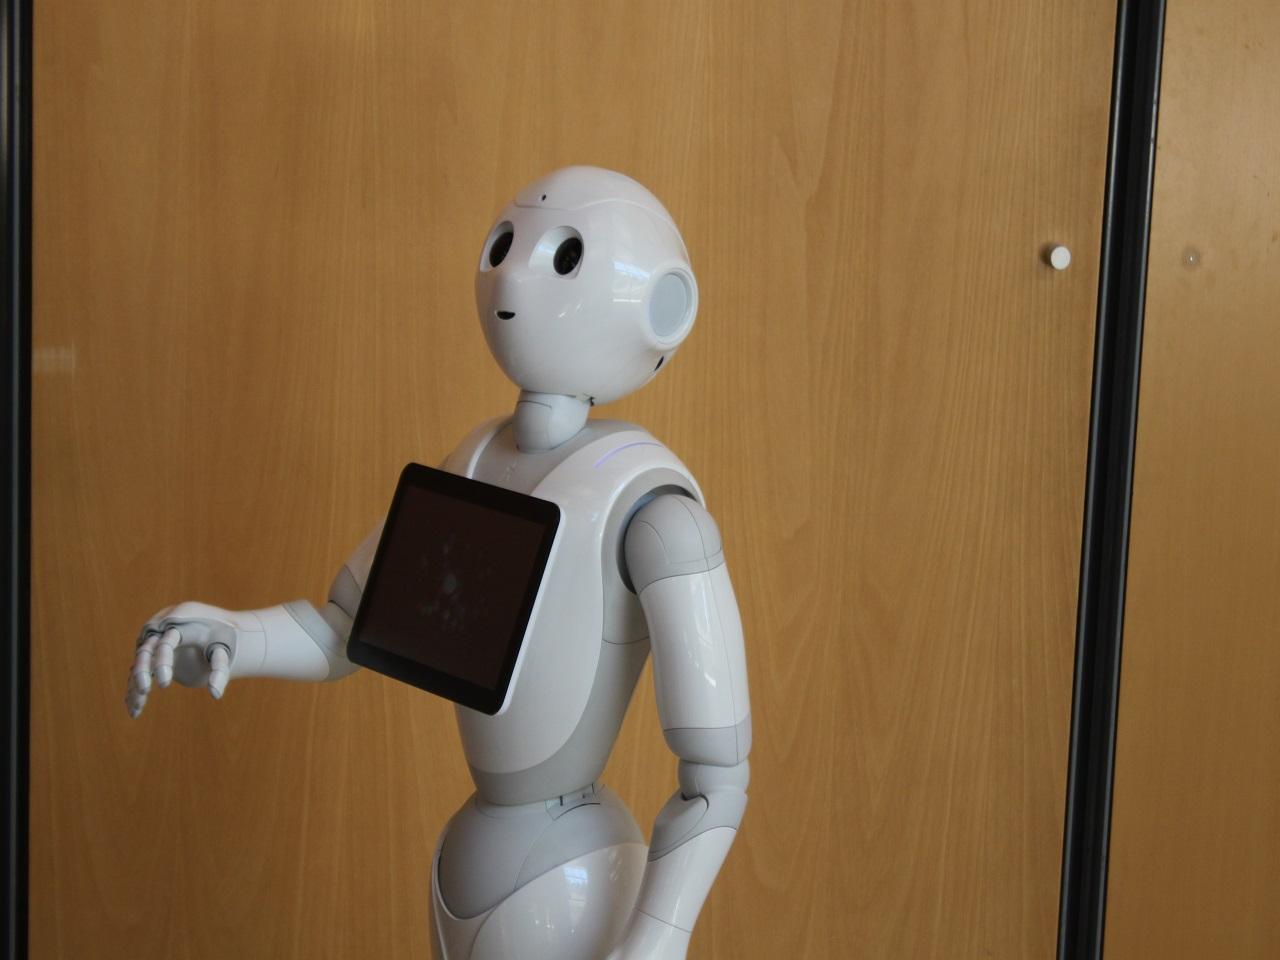 Le robot japonais Pepper est tourné vers le public car il est capable de lire les expressions faciales des personnes et adapte ses réponses en fonction de l'humeur de son interlocuteur - LyonMag